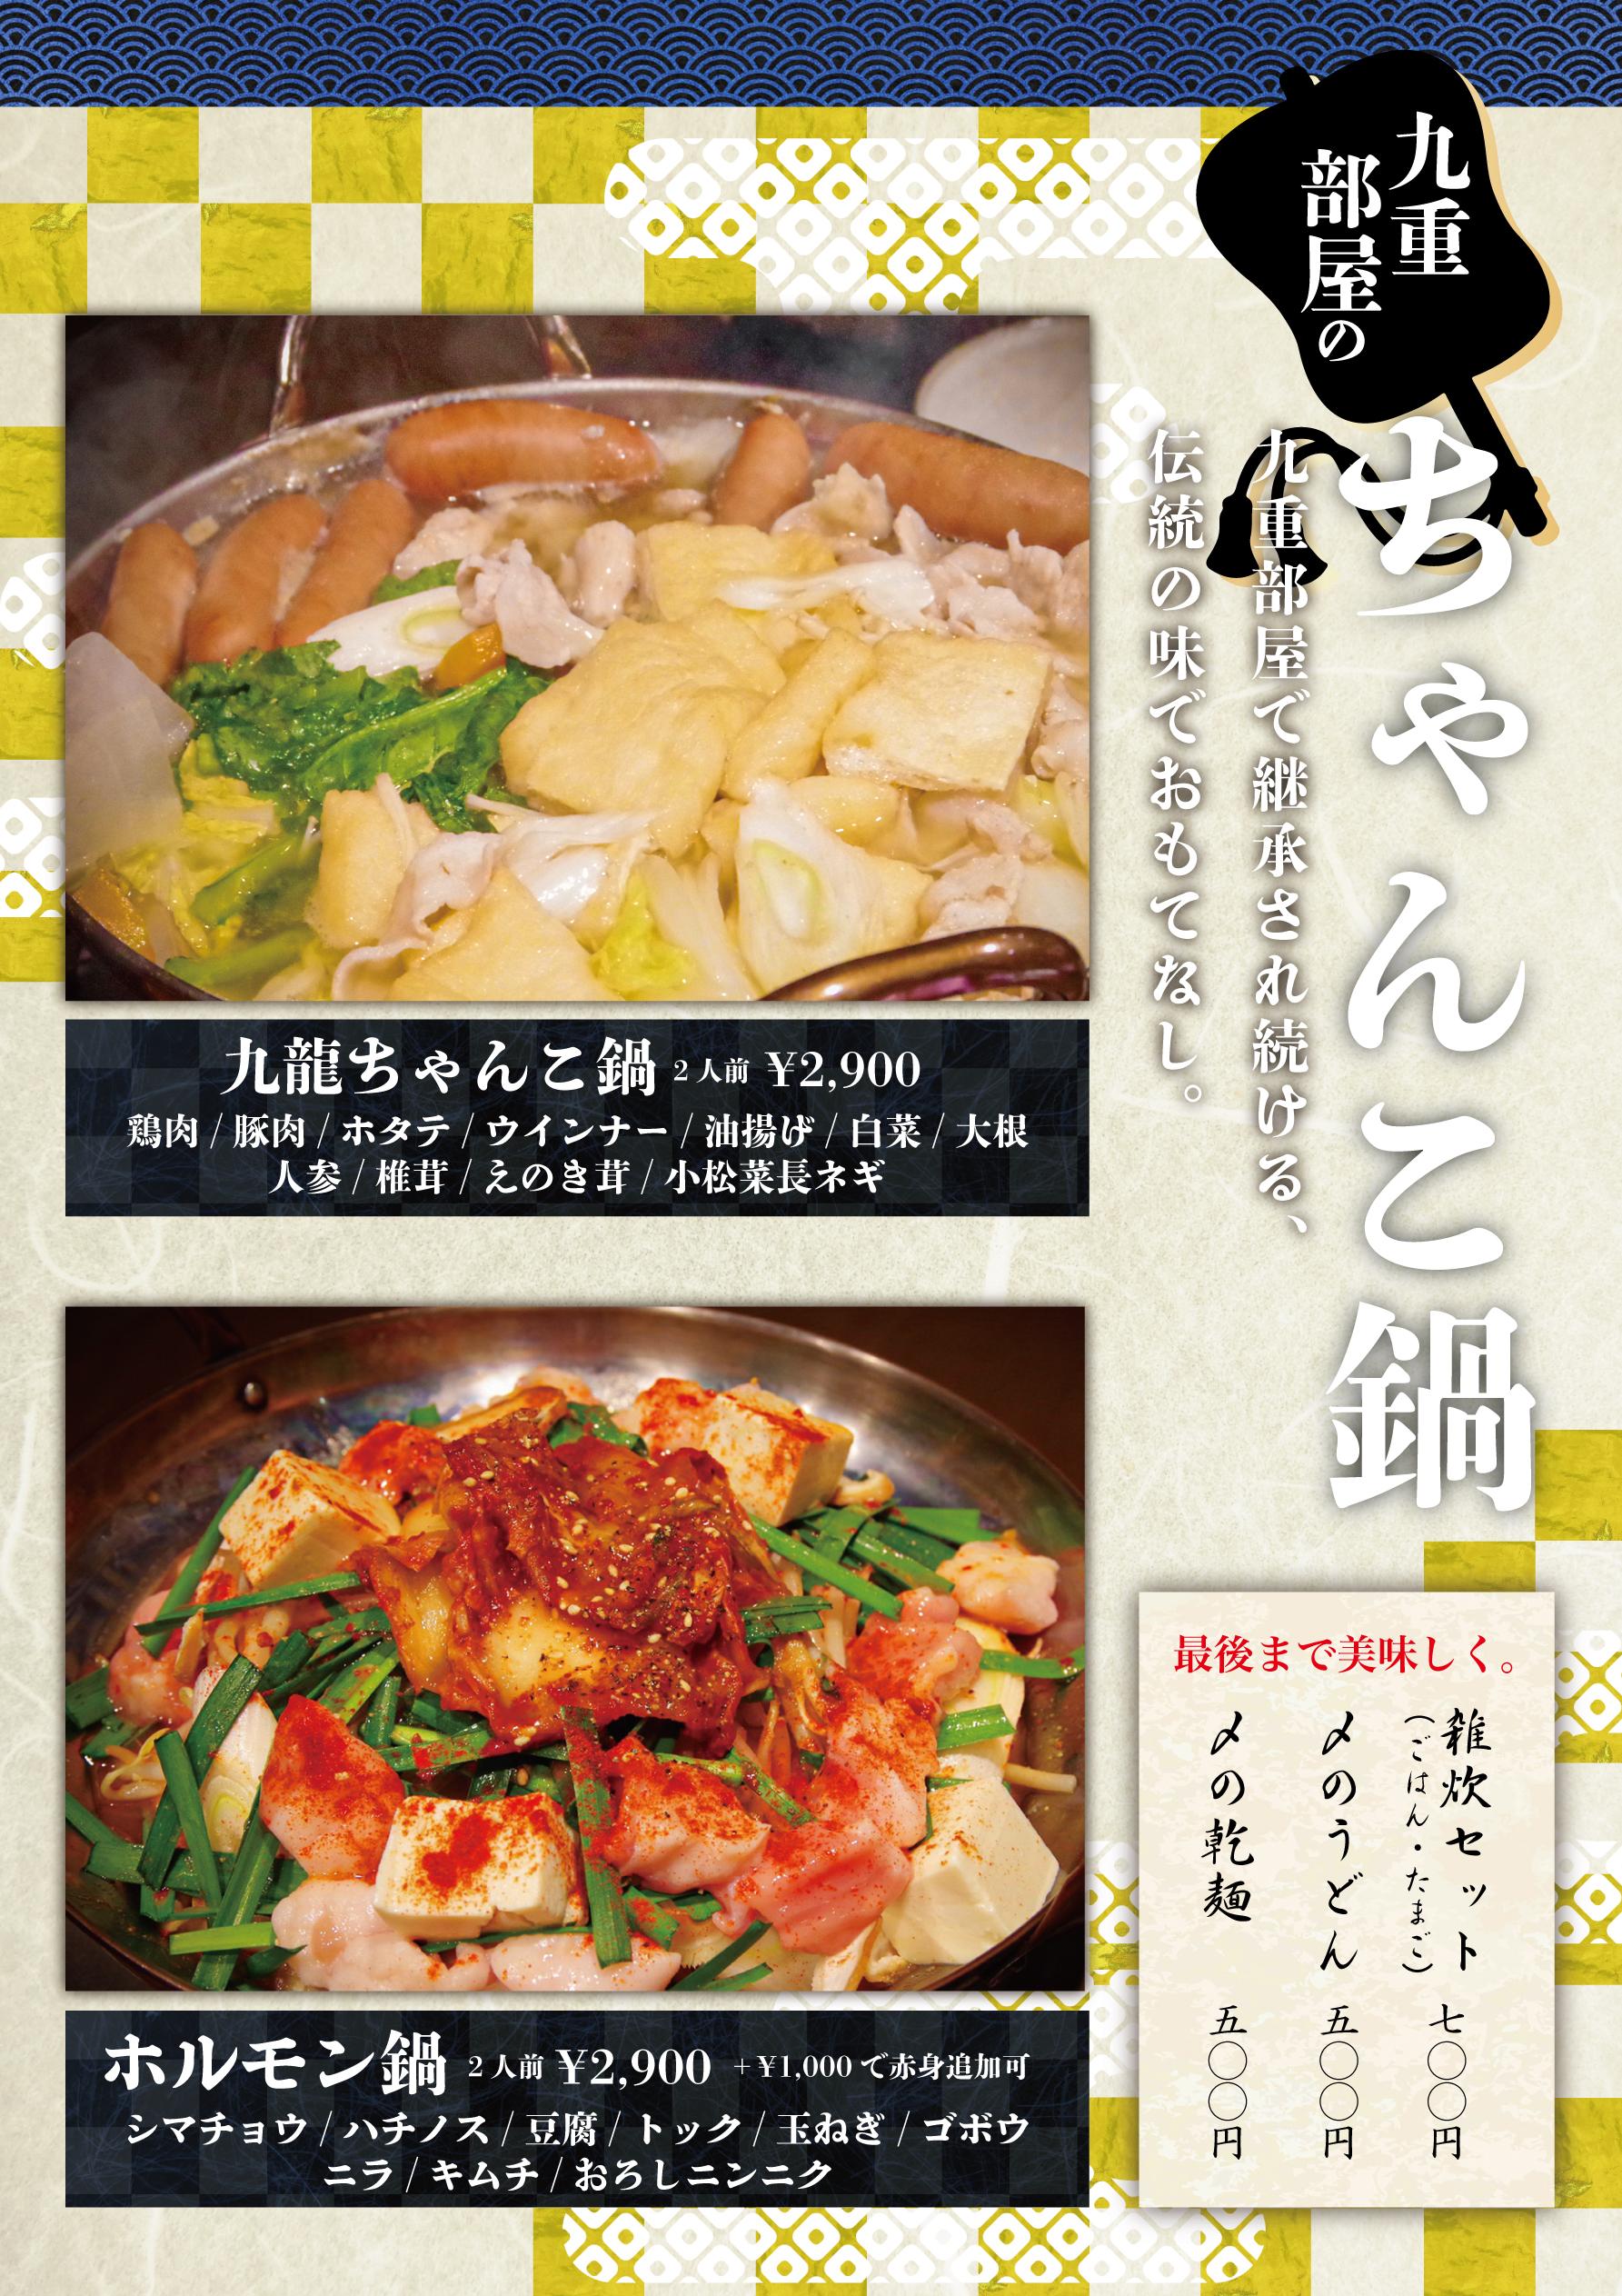 九龍 ちゃんこ鍋